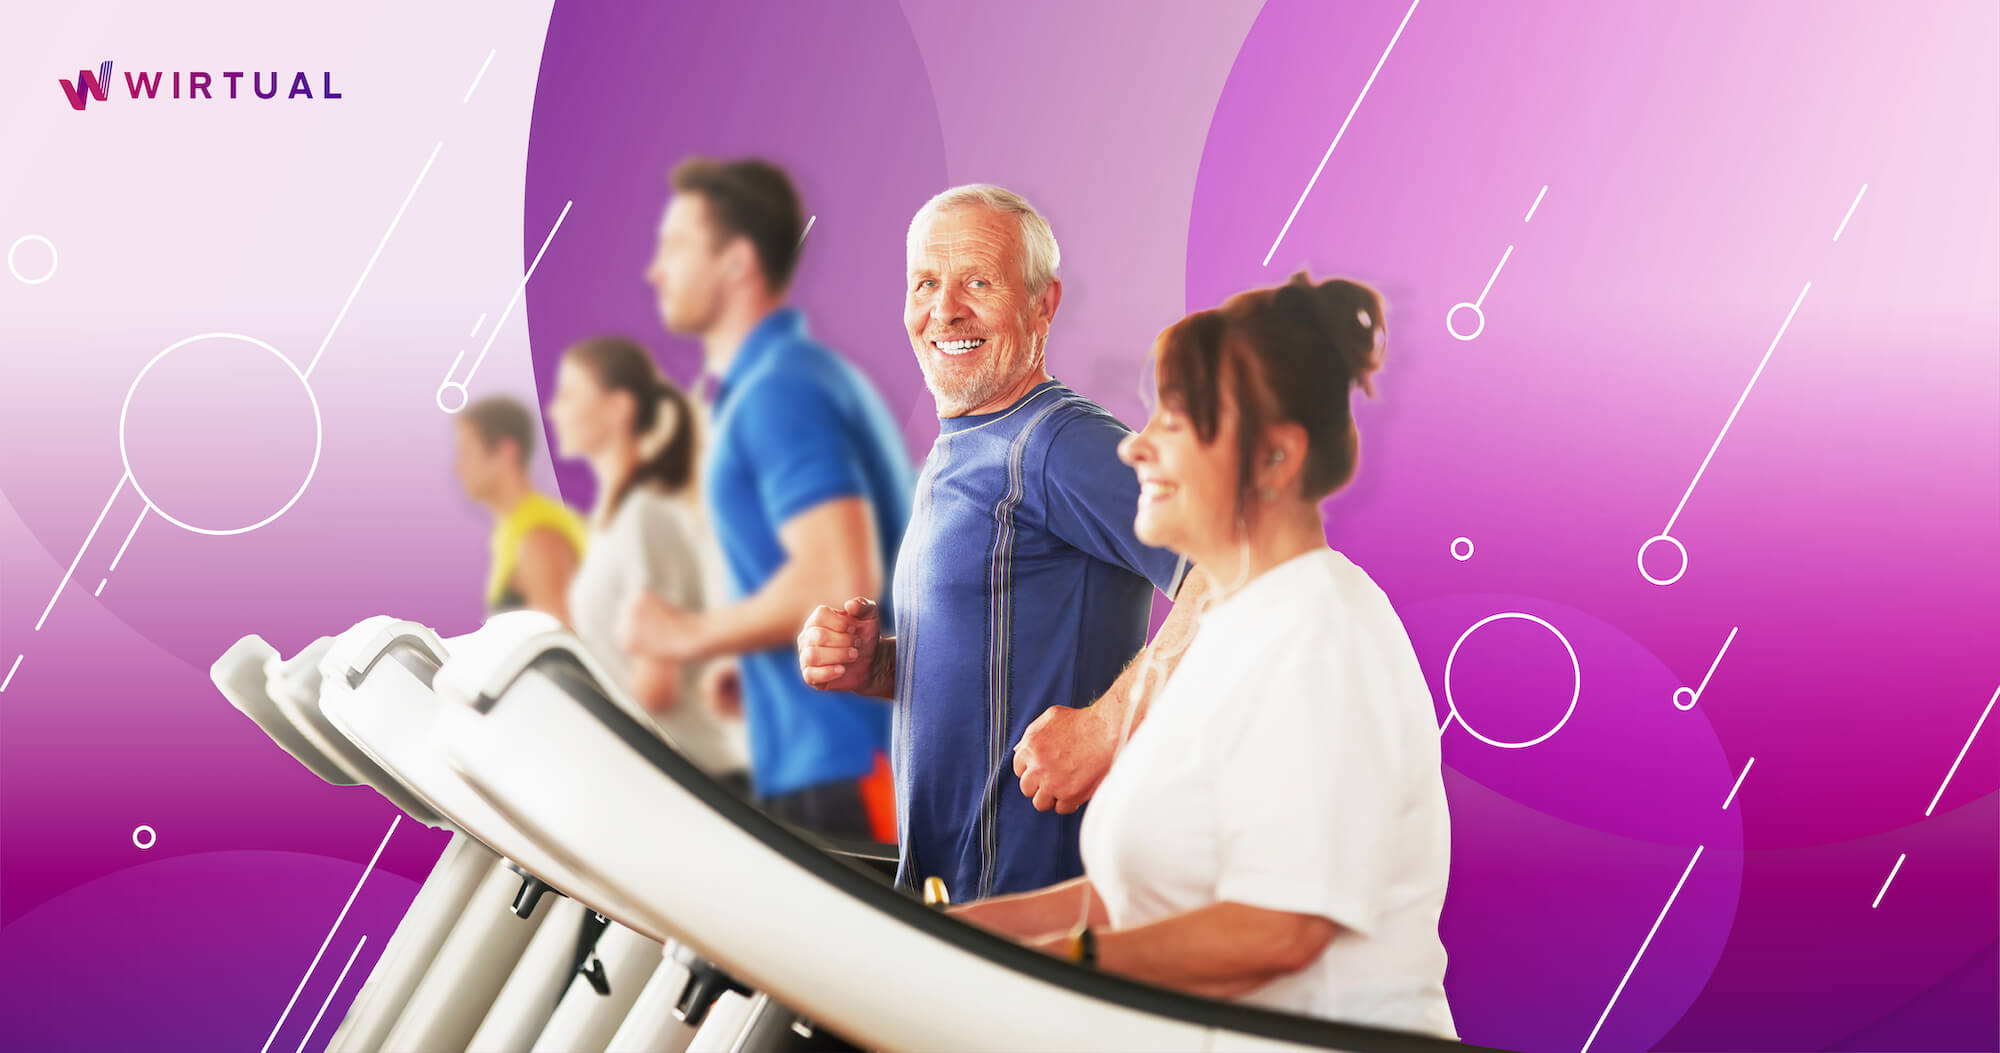 ทำไมถึงต้องวิ่ง 30 นาที เพื่อพักสมองและบรรเทาความเครียด?